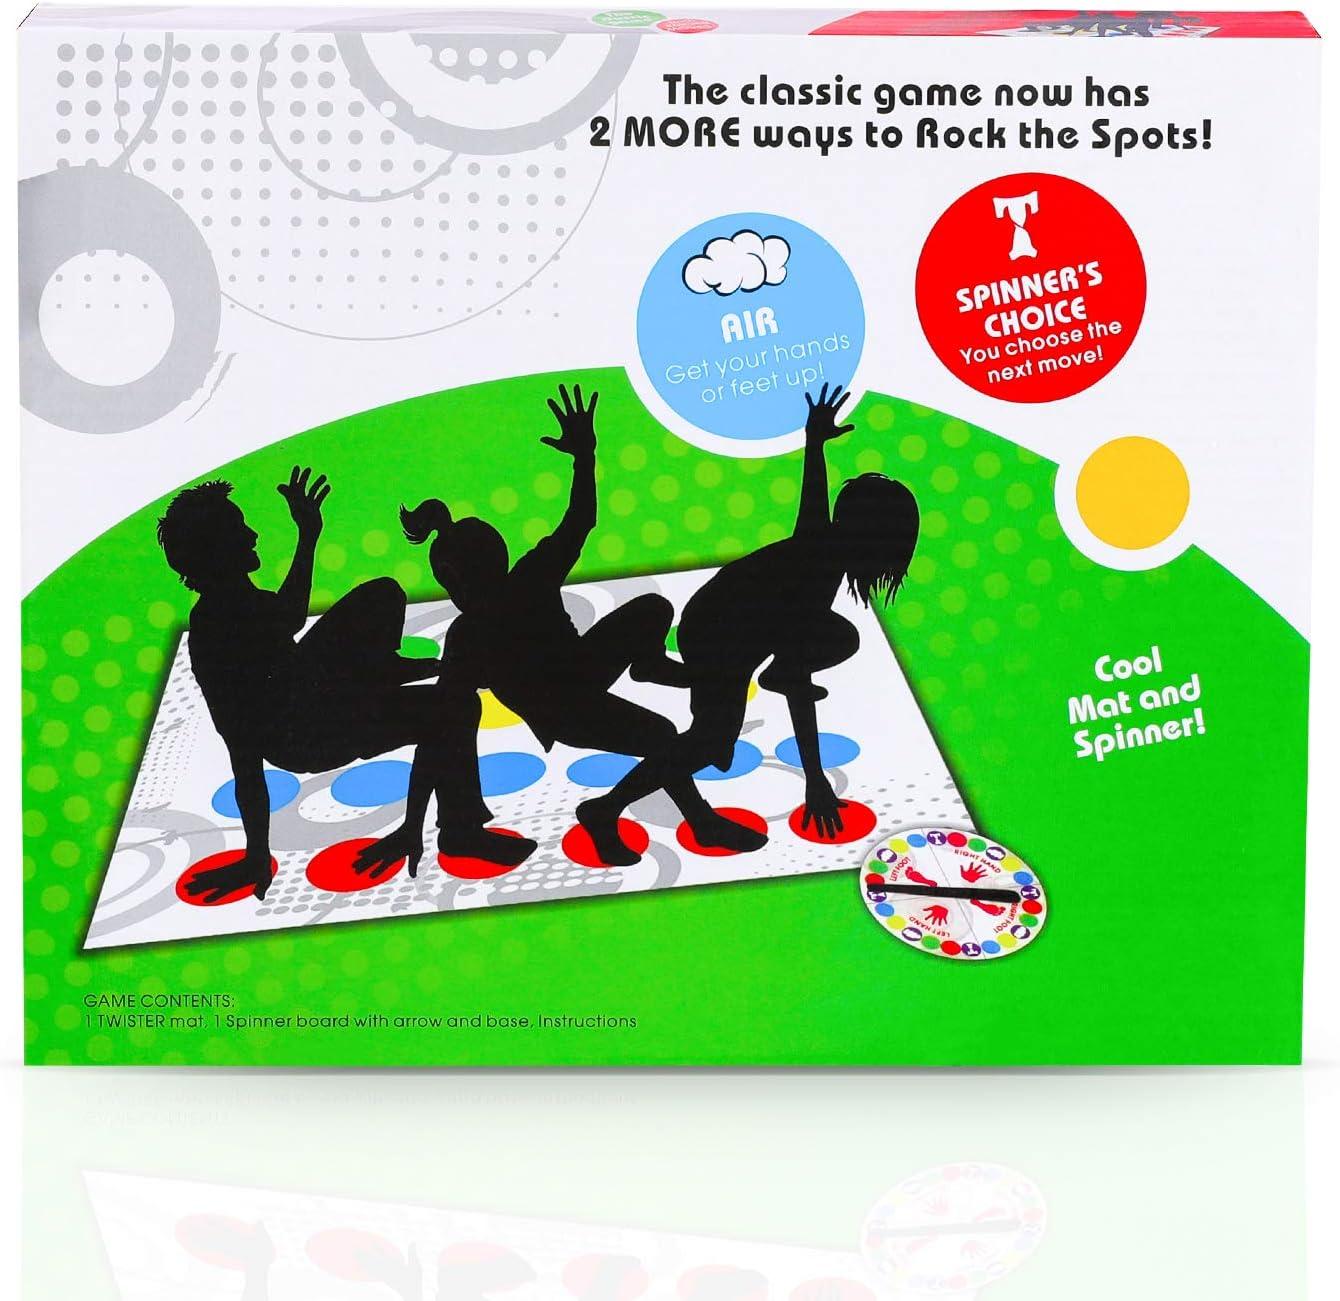 LIULIUKEJIJuegos de Mesa , Twister, Twister Game para ejercitar el Equilibrio y la flexibilidad, Juego de Mesa para armar, Juegos de Mesa Twister Game para familias / niños / Adultos